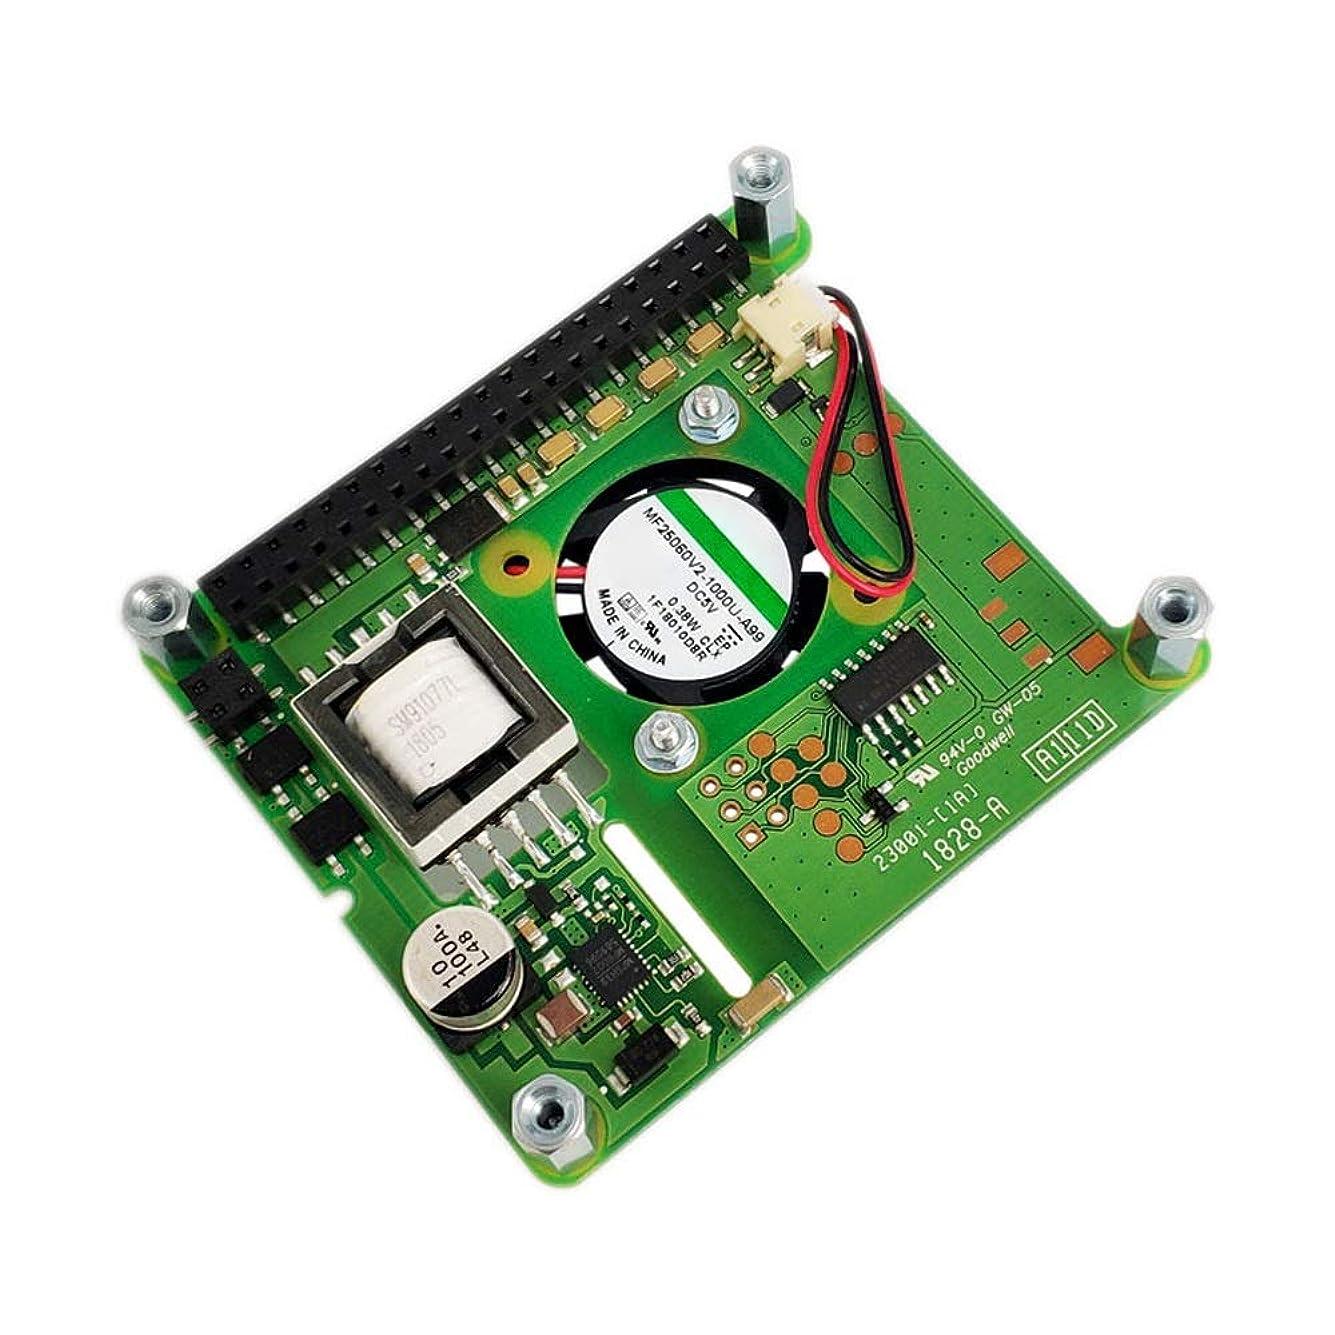 ユーザー移住する事前コントロールファン付きPoE HATアドオンボードラズベリーパイ4モデルB / 3B + Plus / 3B用PoEハット拡張ボード YHWJP